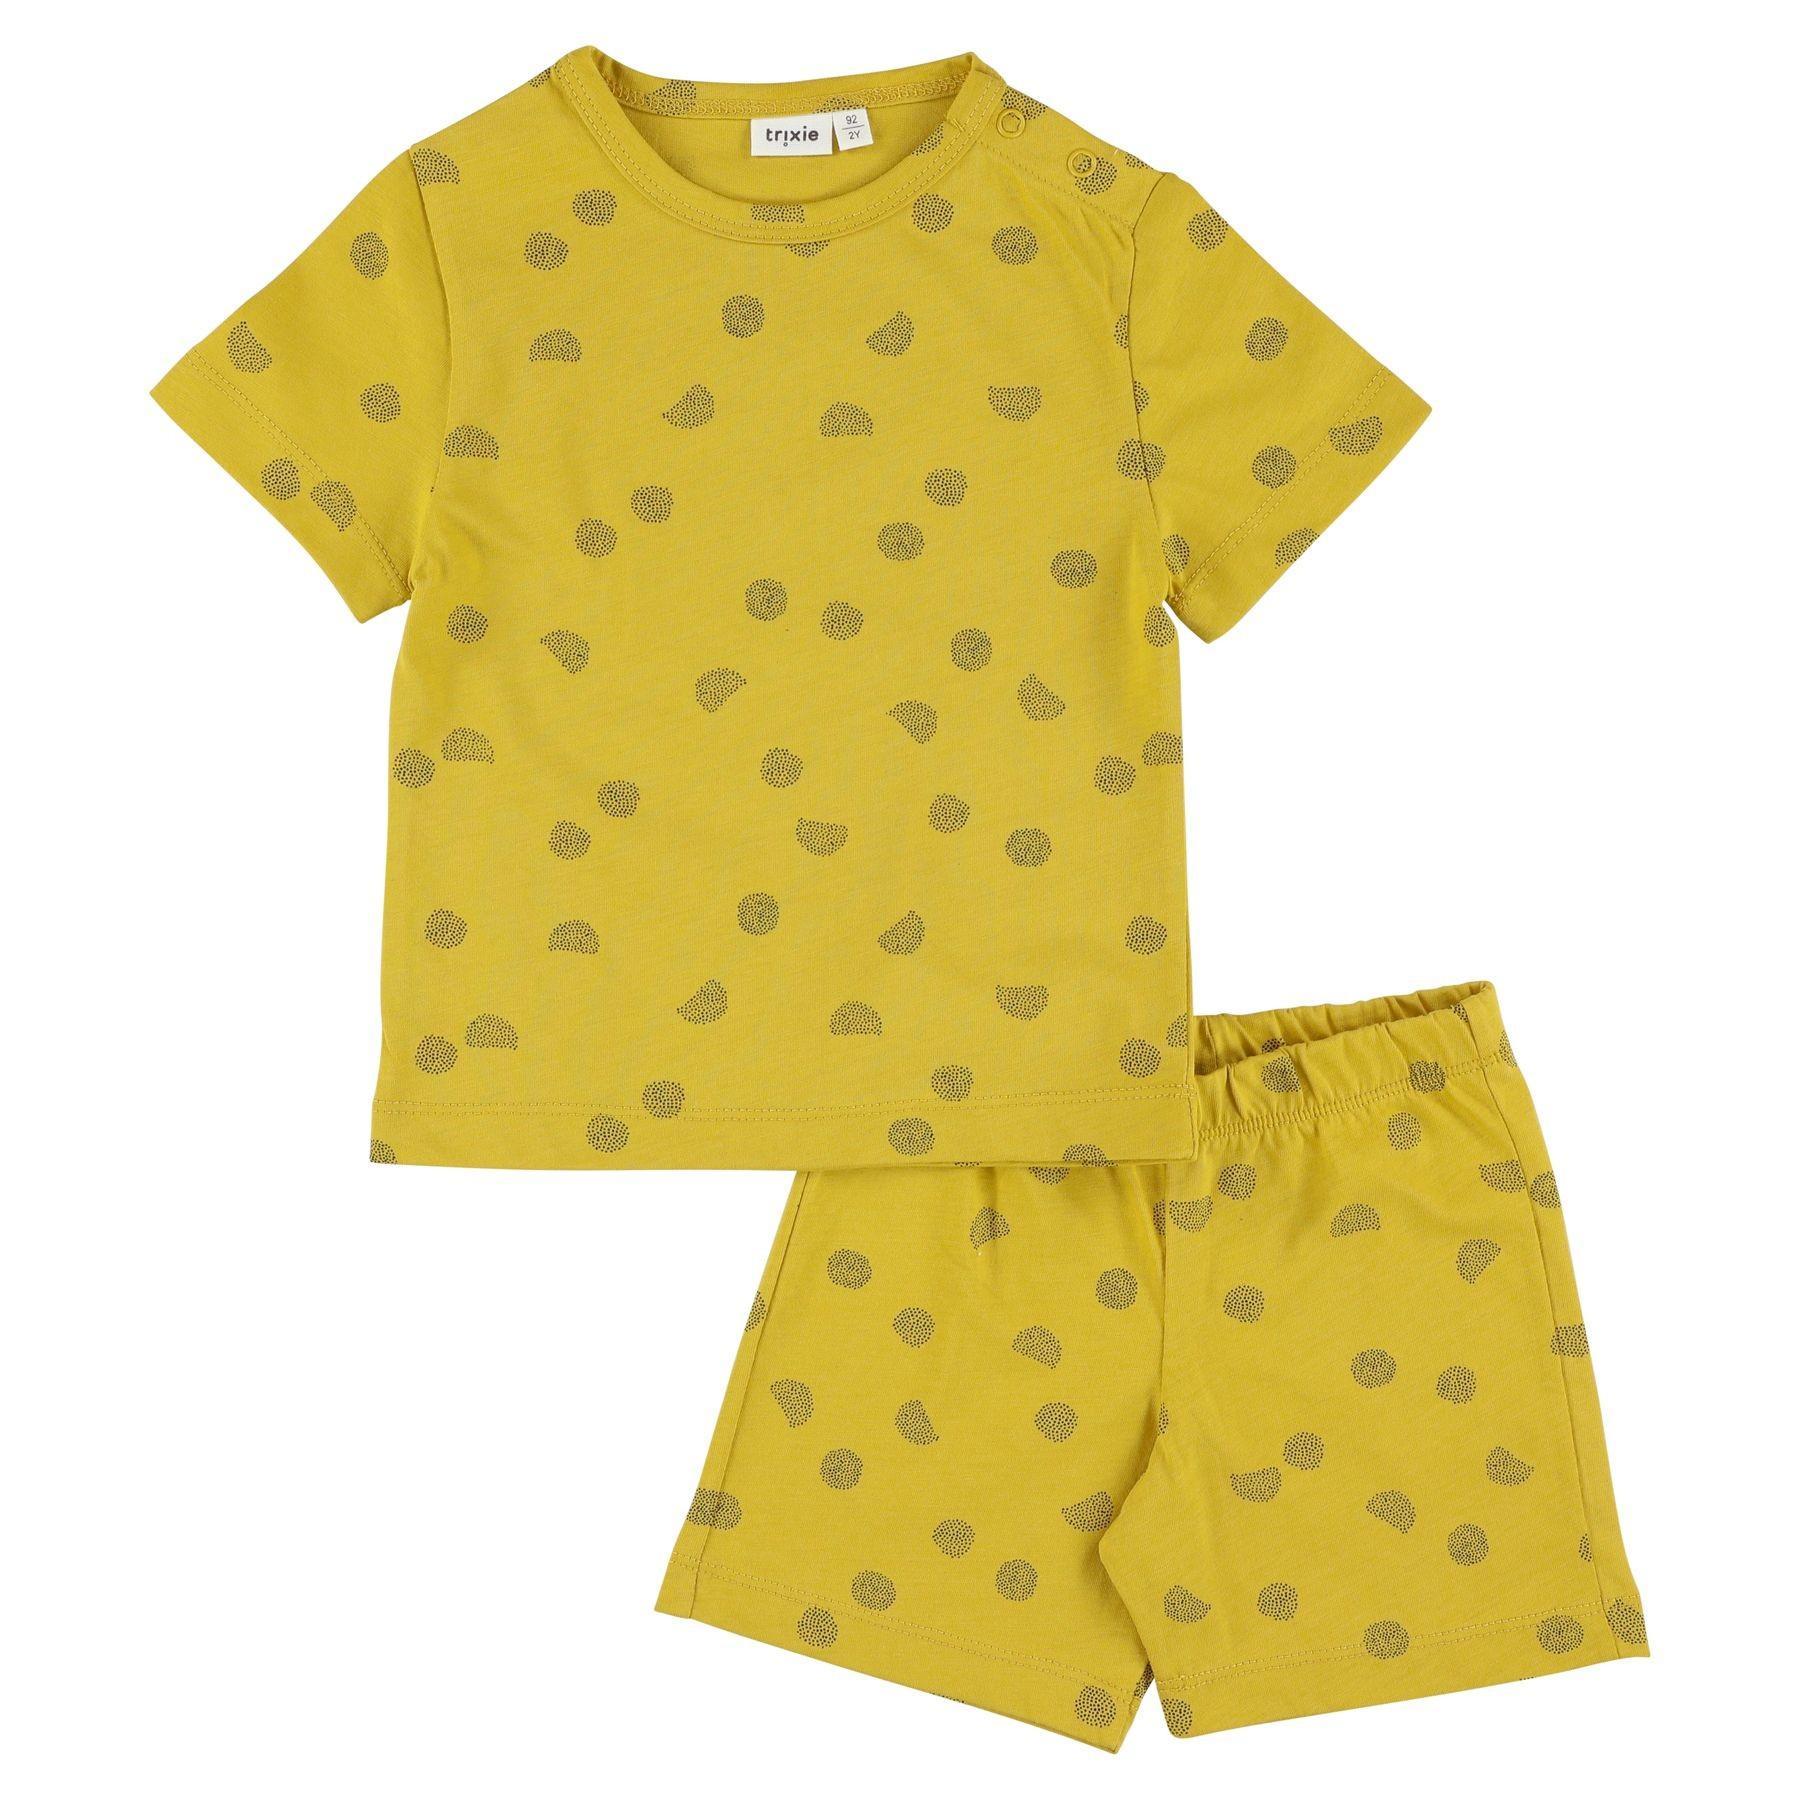 Trixie - 2-delige pyjama kort - Sunny Spots - 8Y